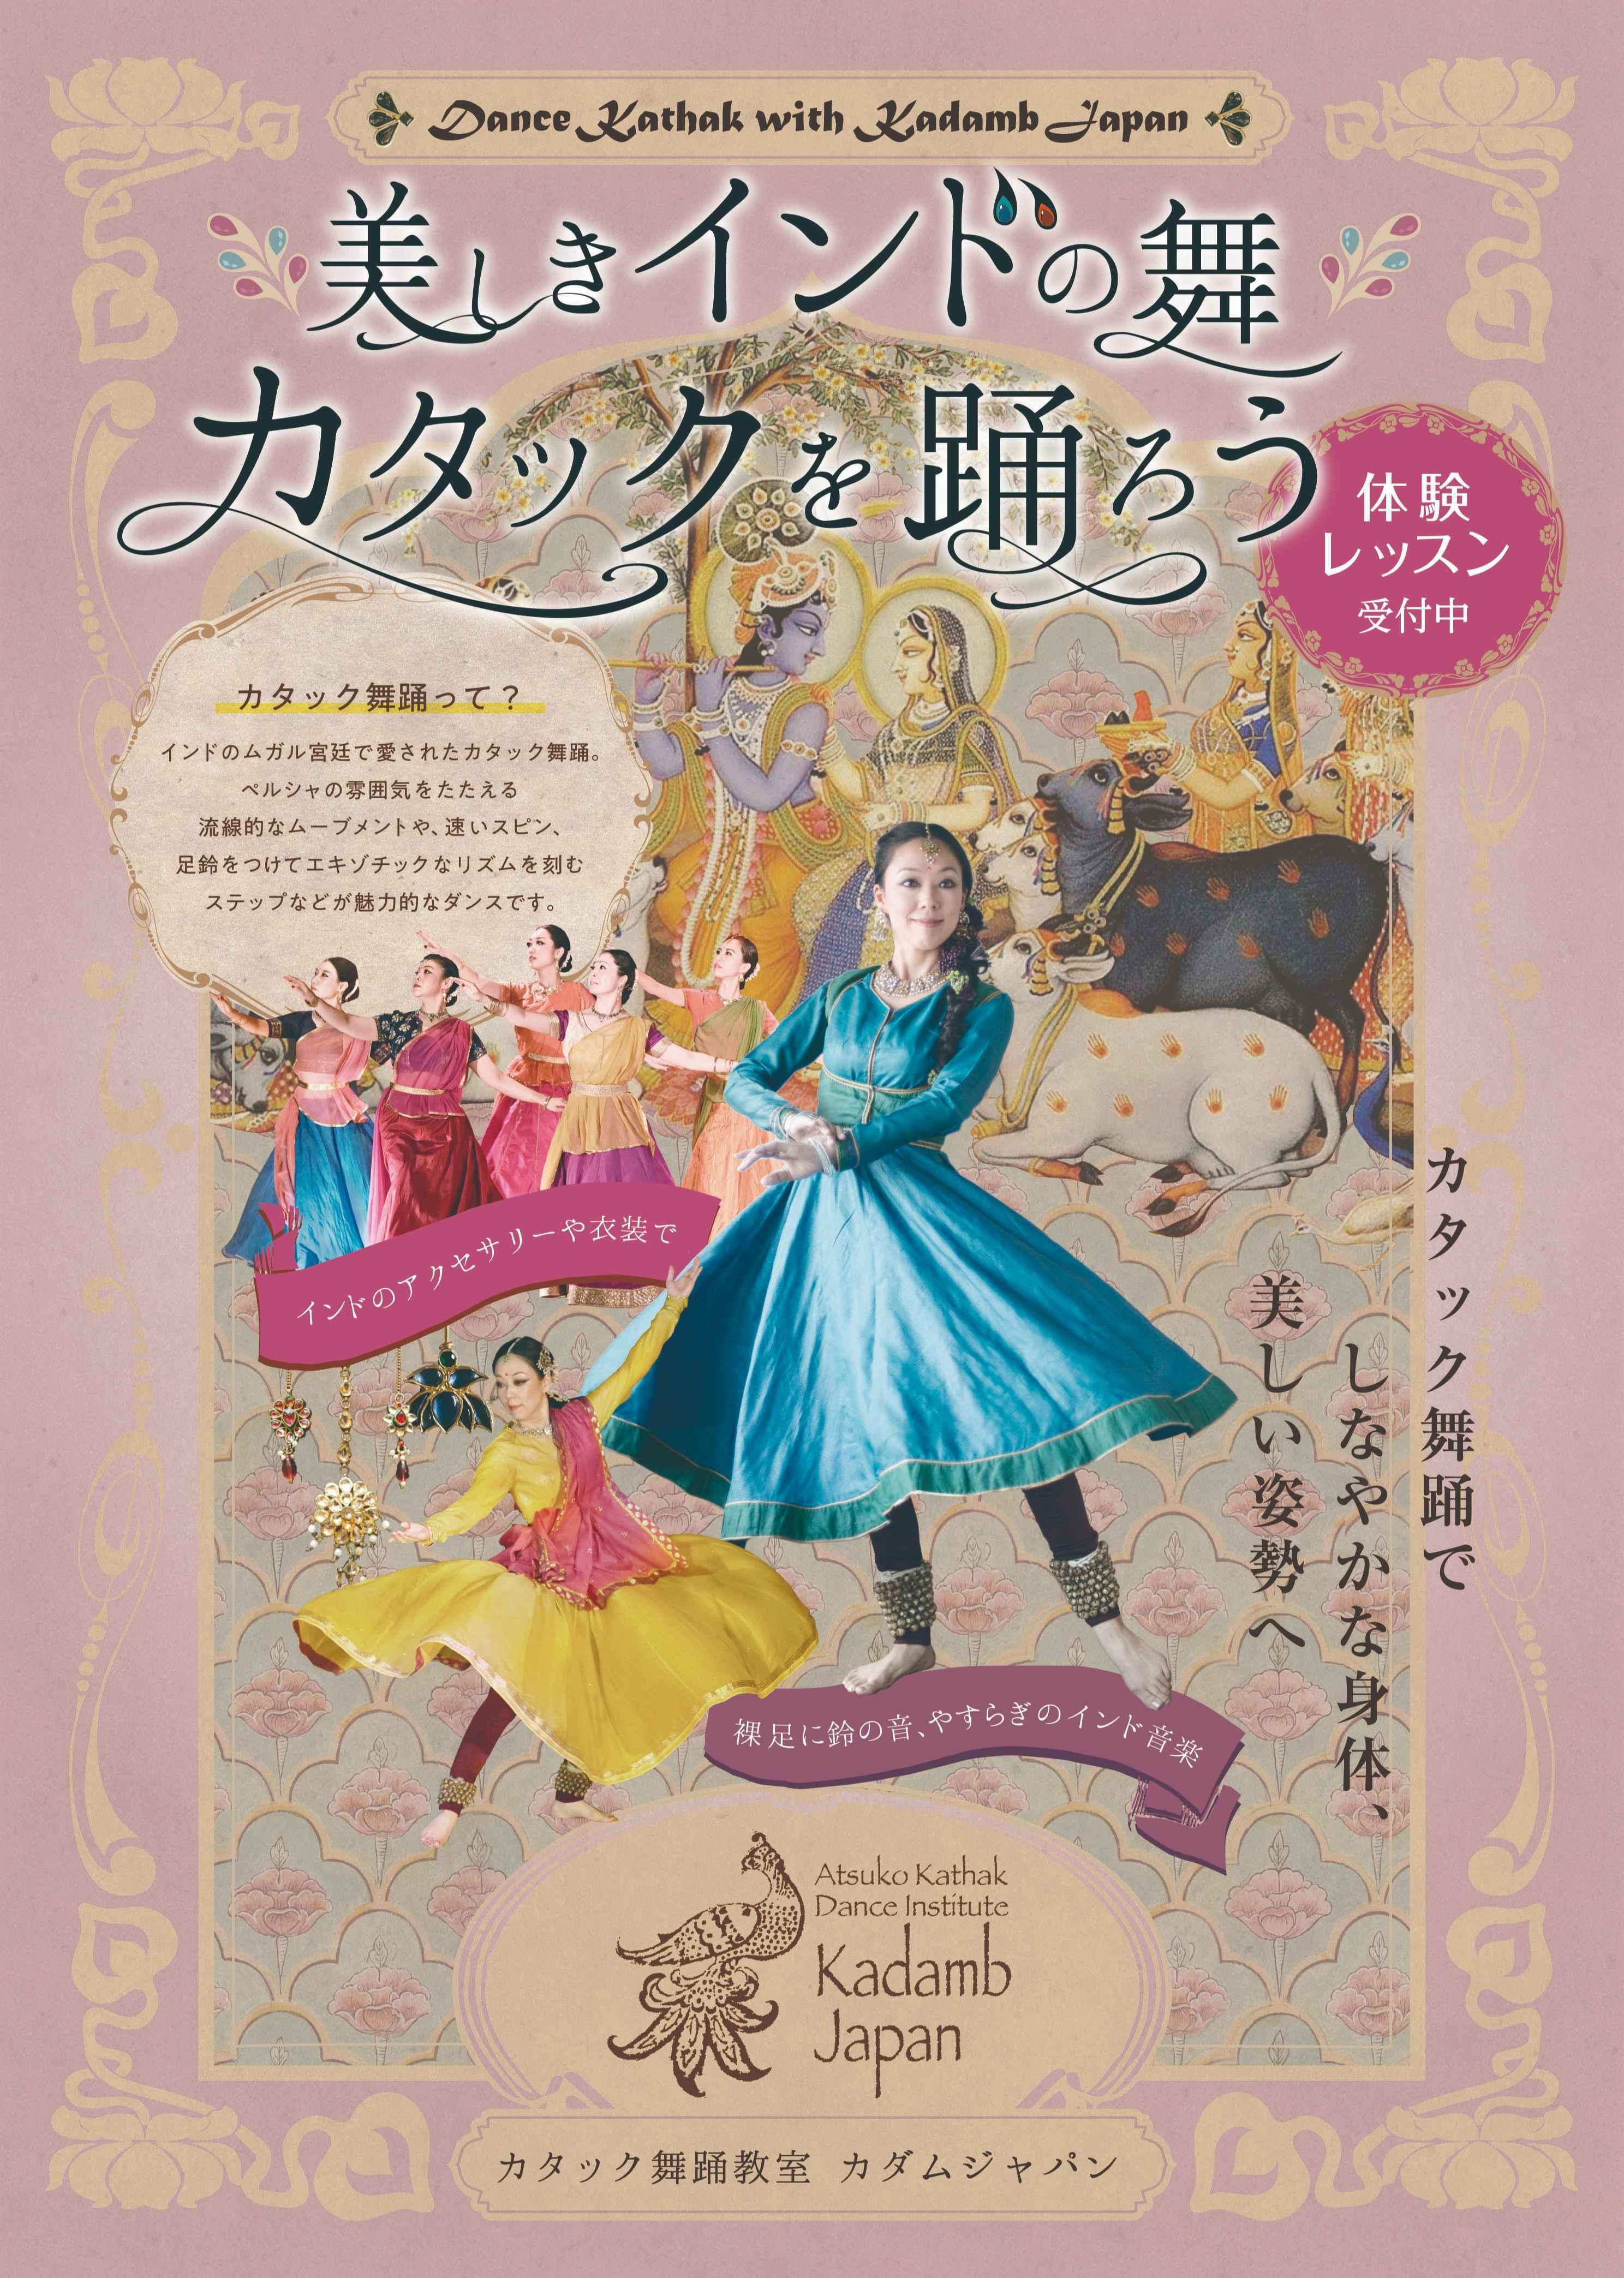 カタックダンス<表参道クラス>